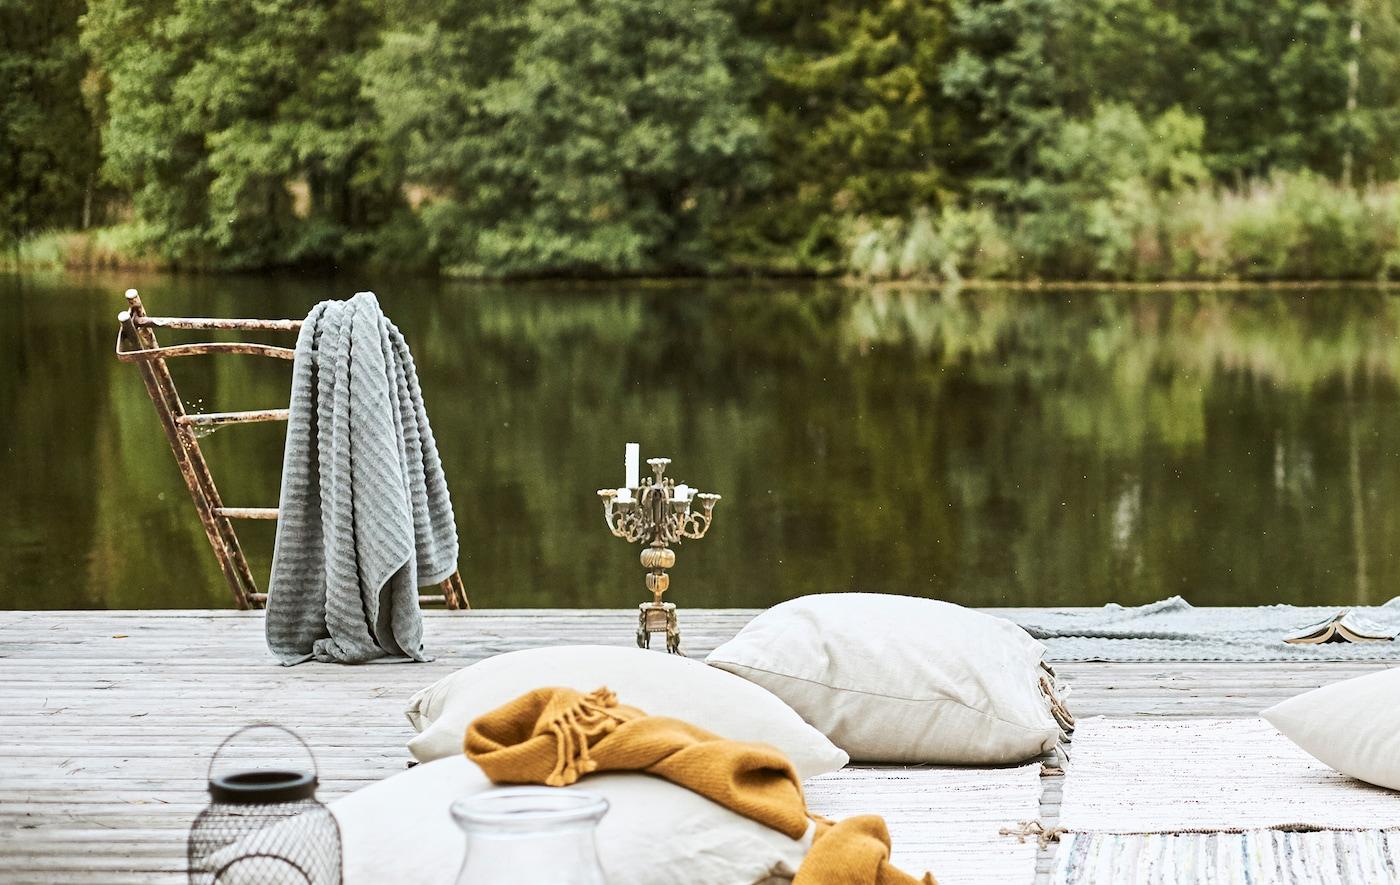 Deque à beira de um lago, almofadas e tapetes sobre o chão ao estilo beduíno, uma toalha cinzenta pendurada numas escadas enferrujadas ao lado de um candelabro.